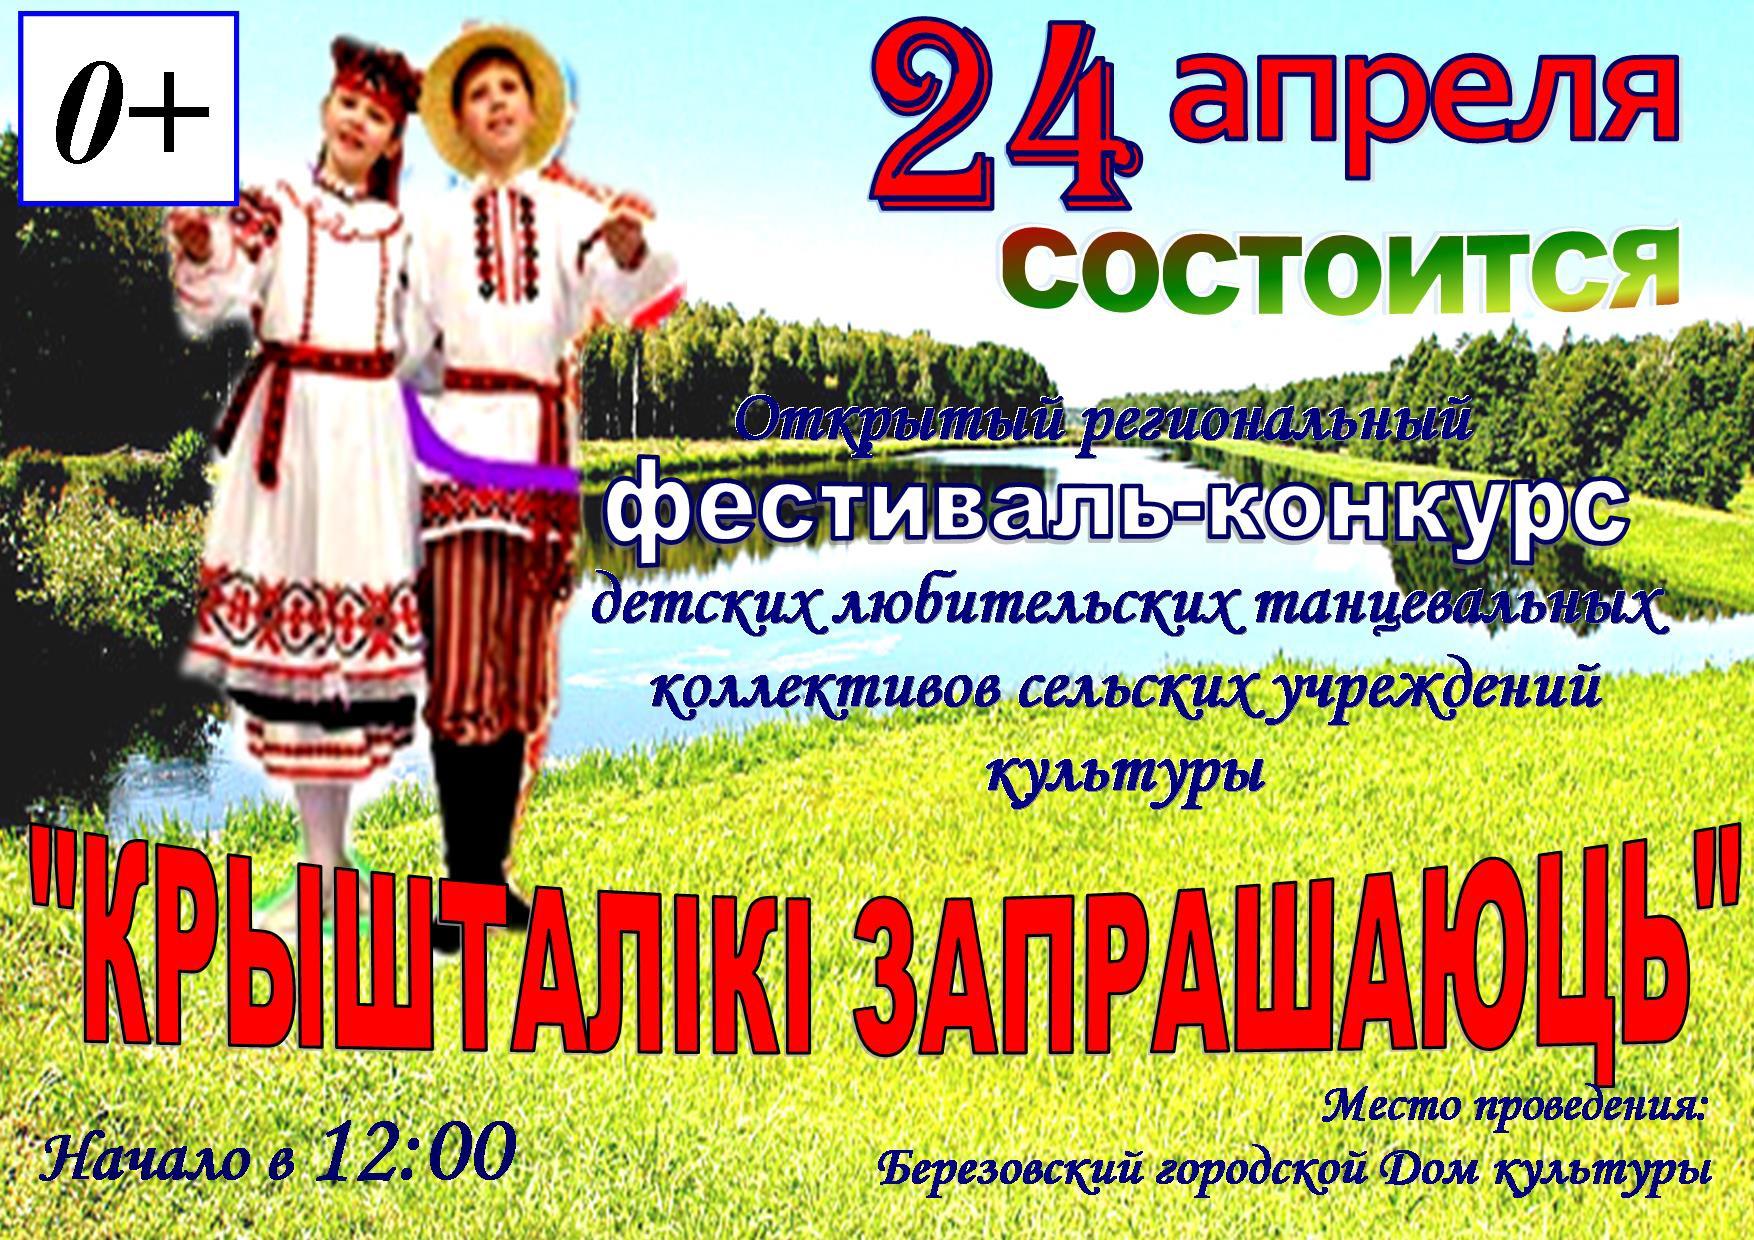 Региональный фестиваль-конкурс детских танцевальных коллективов учреждений культуры «Крышталікі запрашаюць» состоится 24 апреля в Березовке.